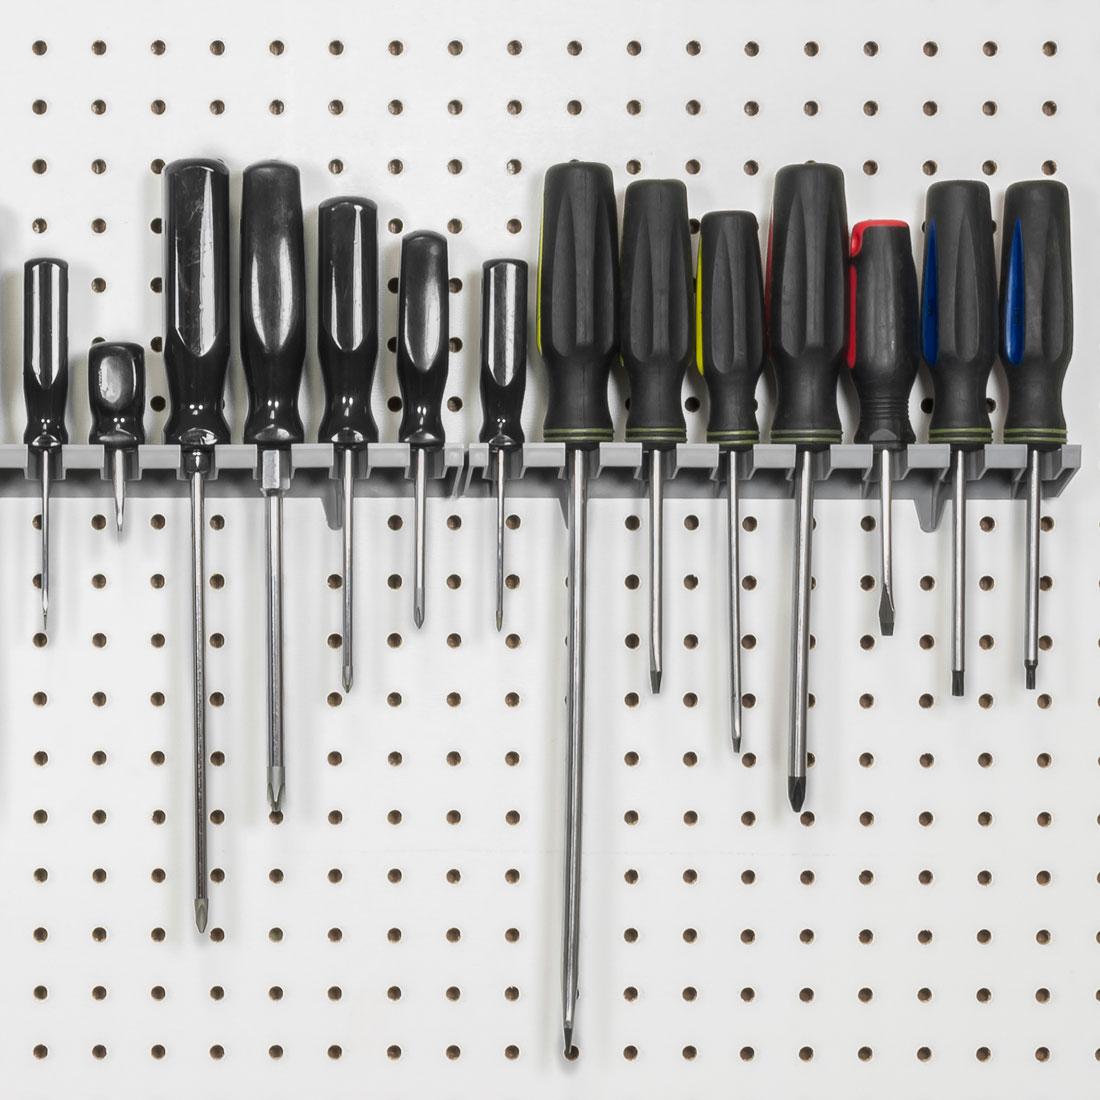 5350 8 Tool V Slot Screwdriver Organizer Gray 5350